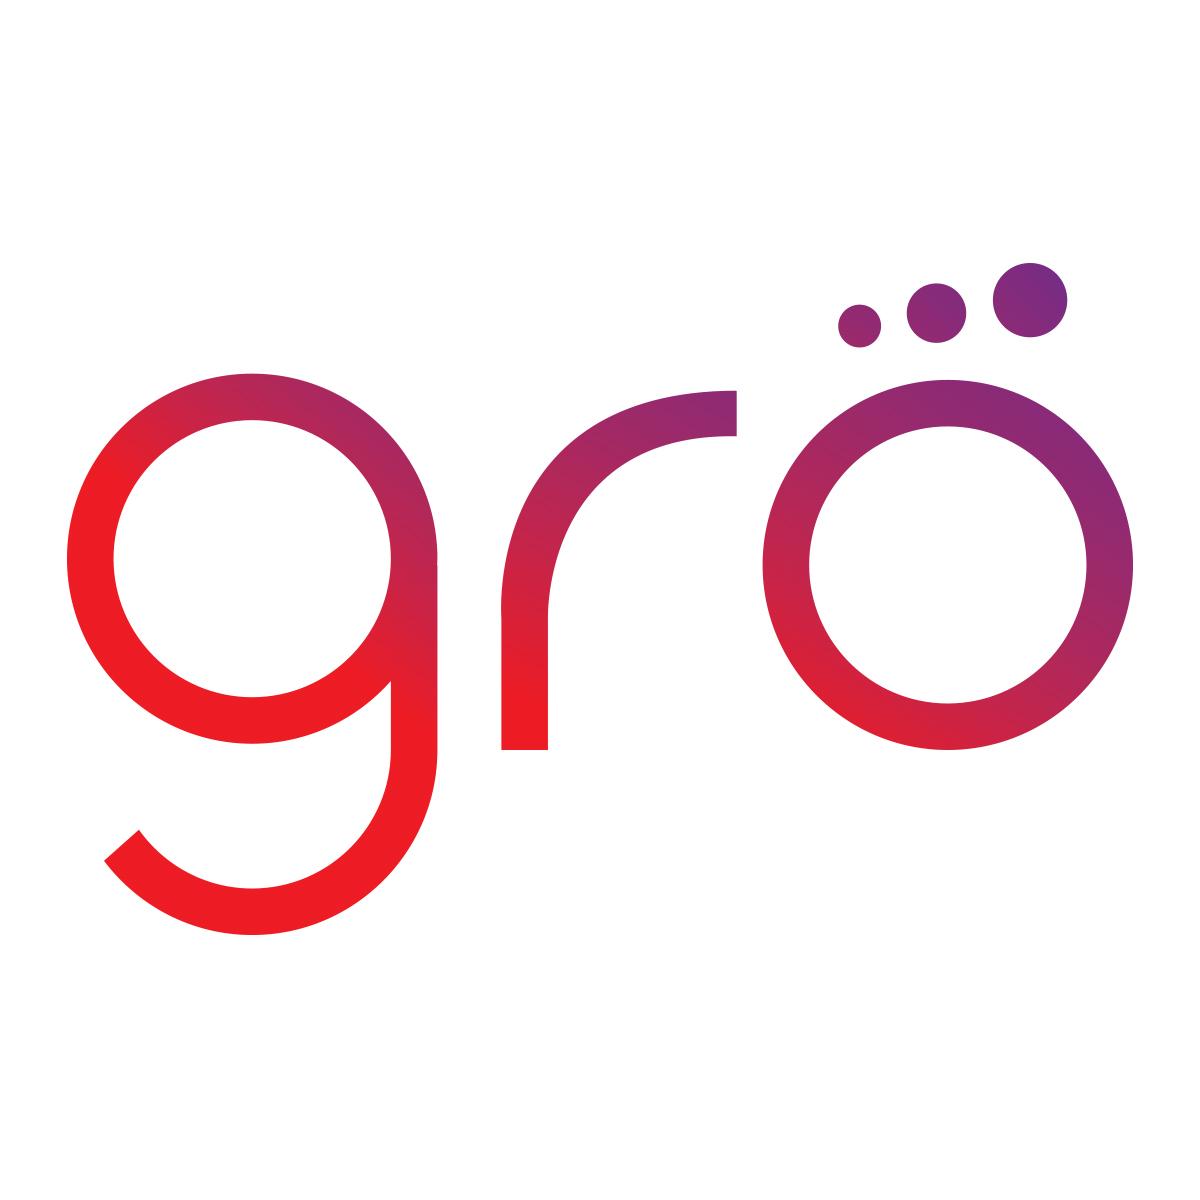 The GRO Agency - sponsoring BevNET Live Summer 2019